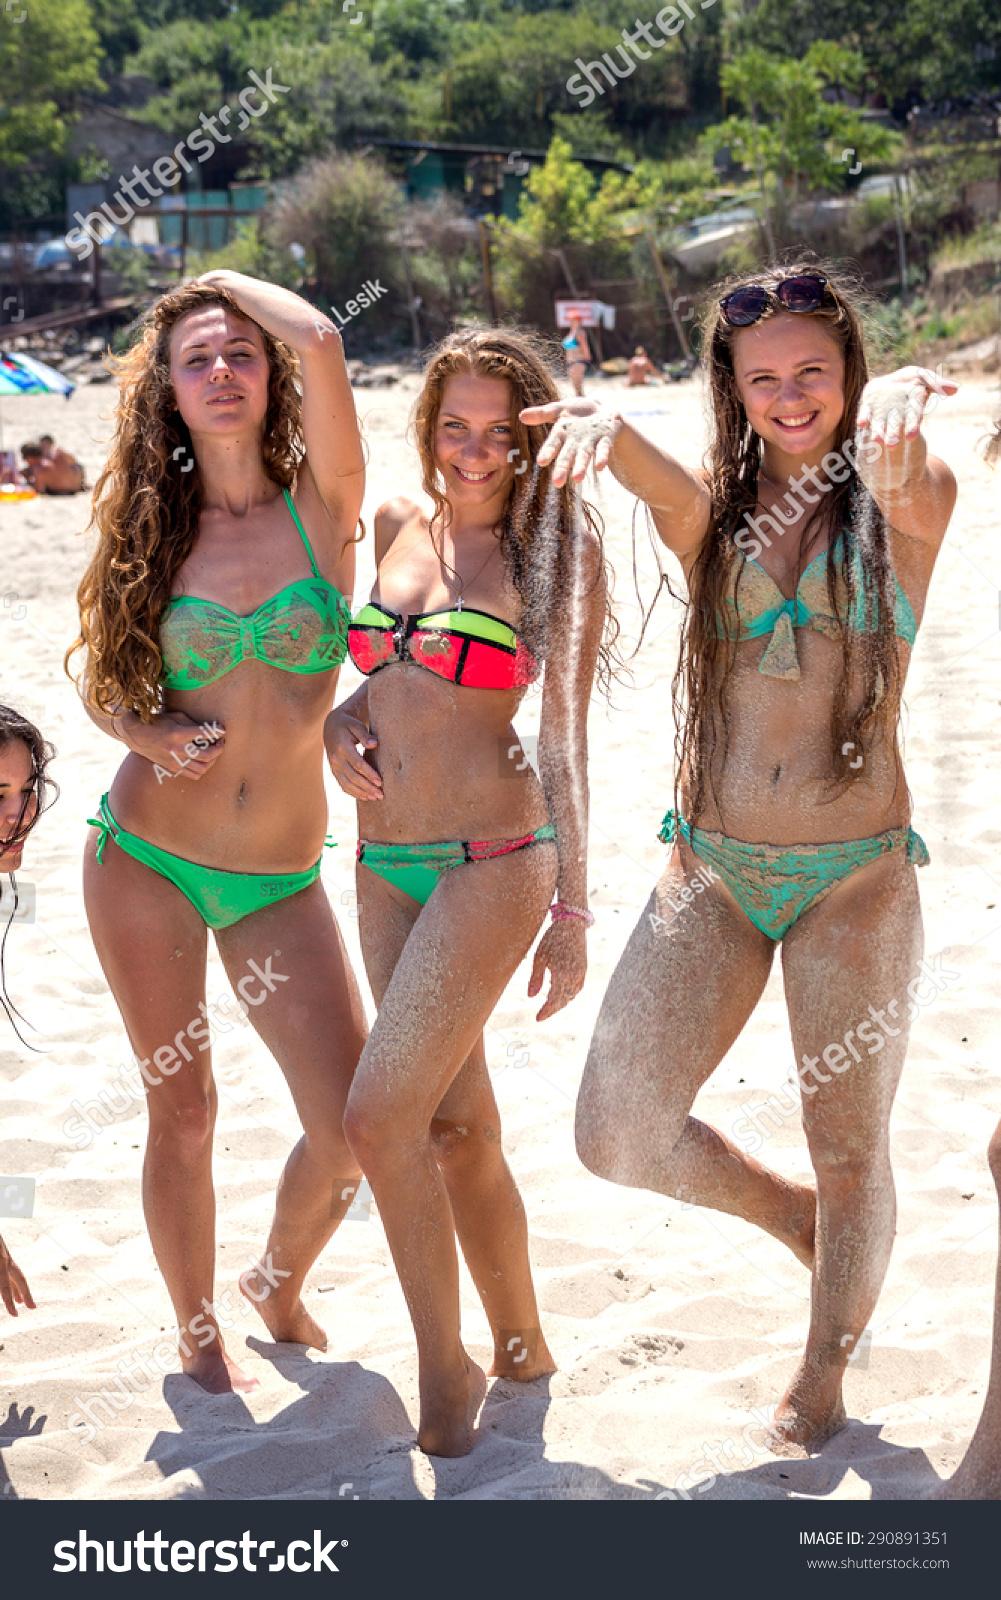 Ukraine Babes Teen Ass Pics 81